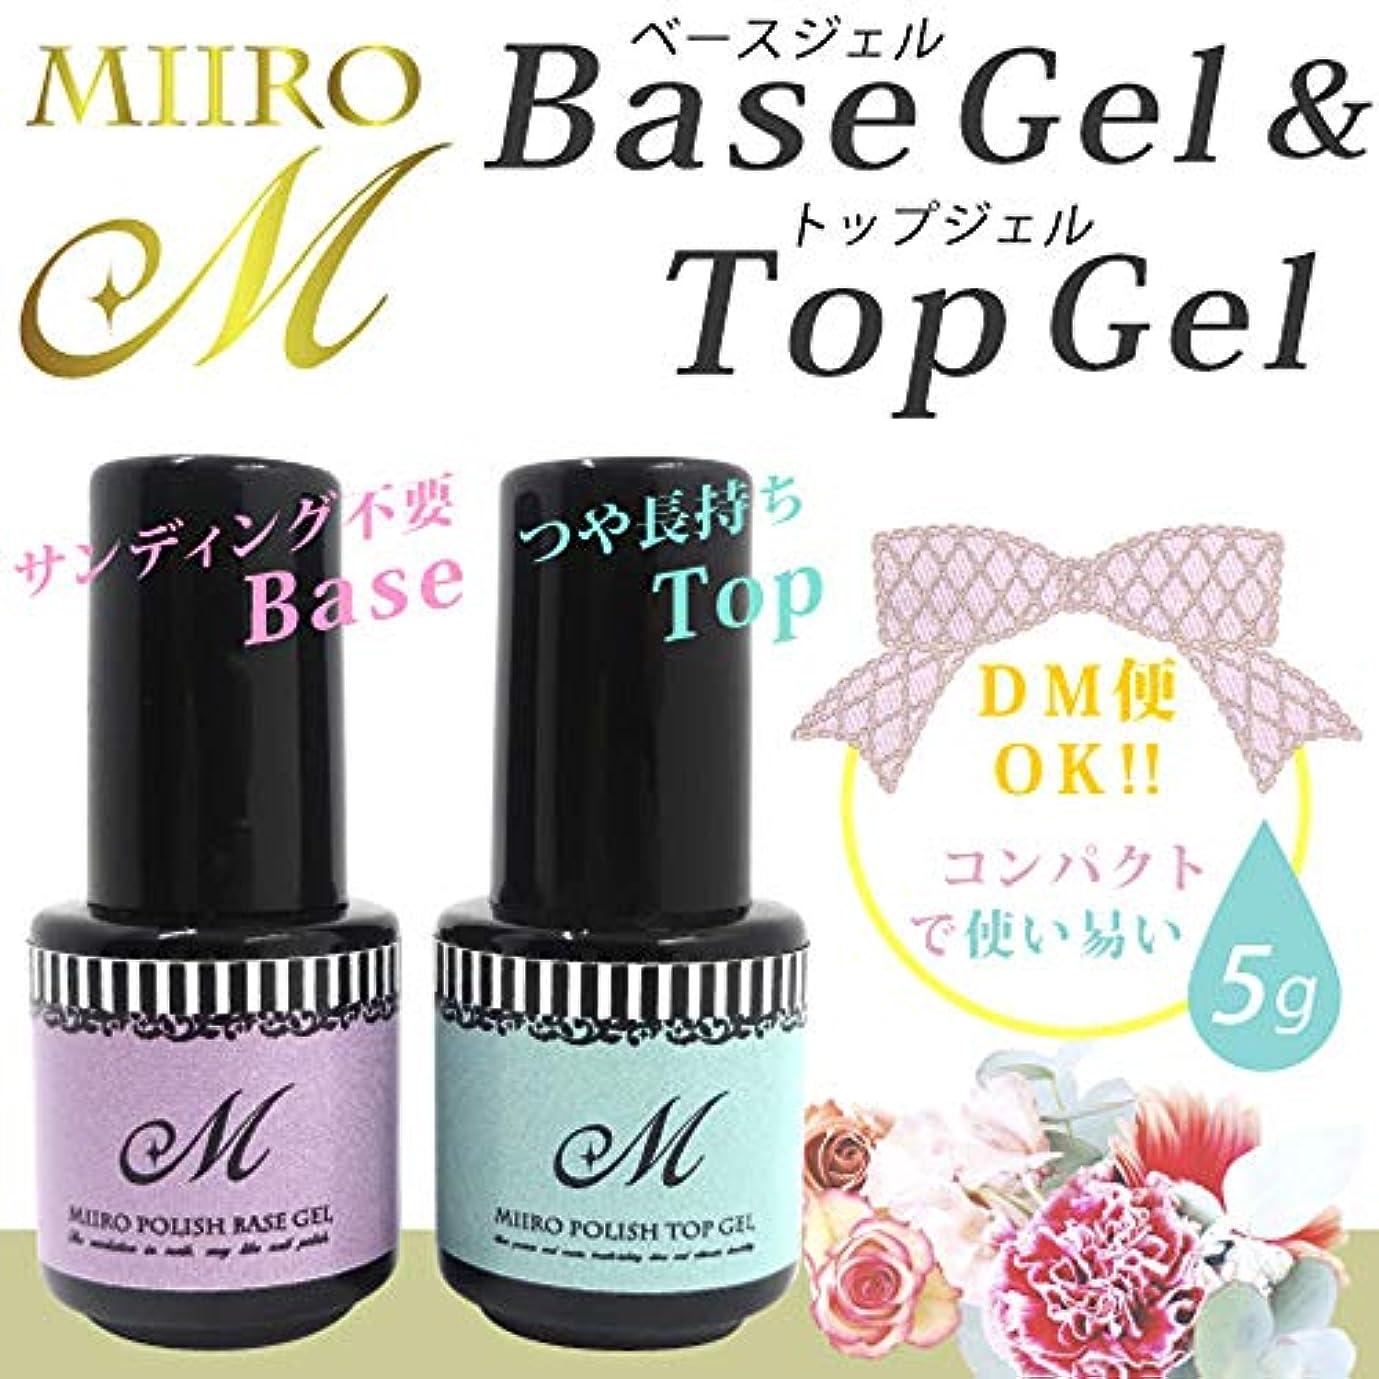 受け皿ファンブル足枷トップ&ベースジェル 美色 Miiro 各5g (ベースジェル)